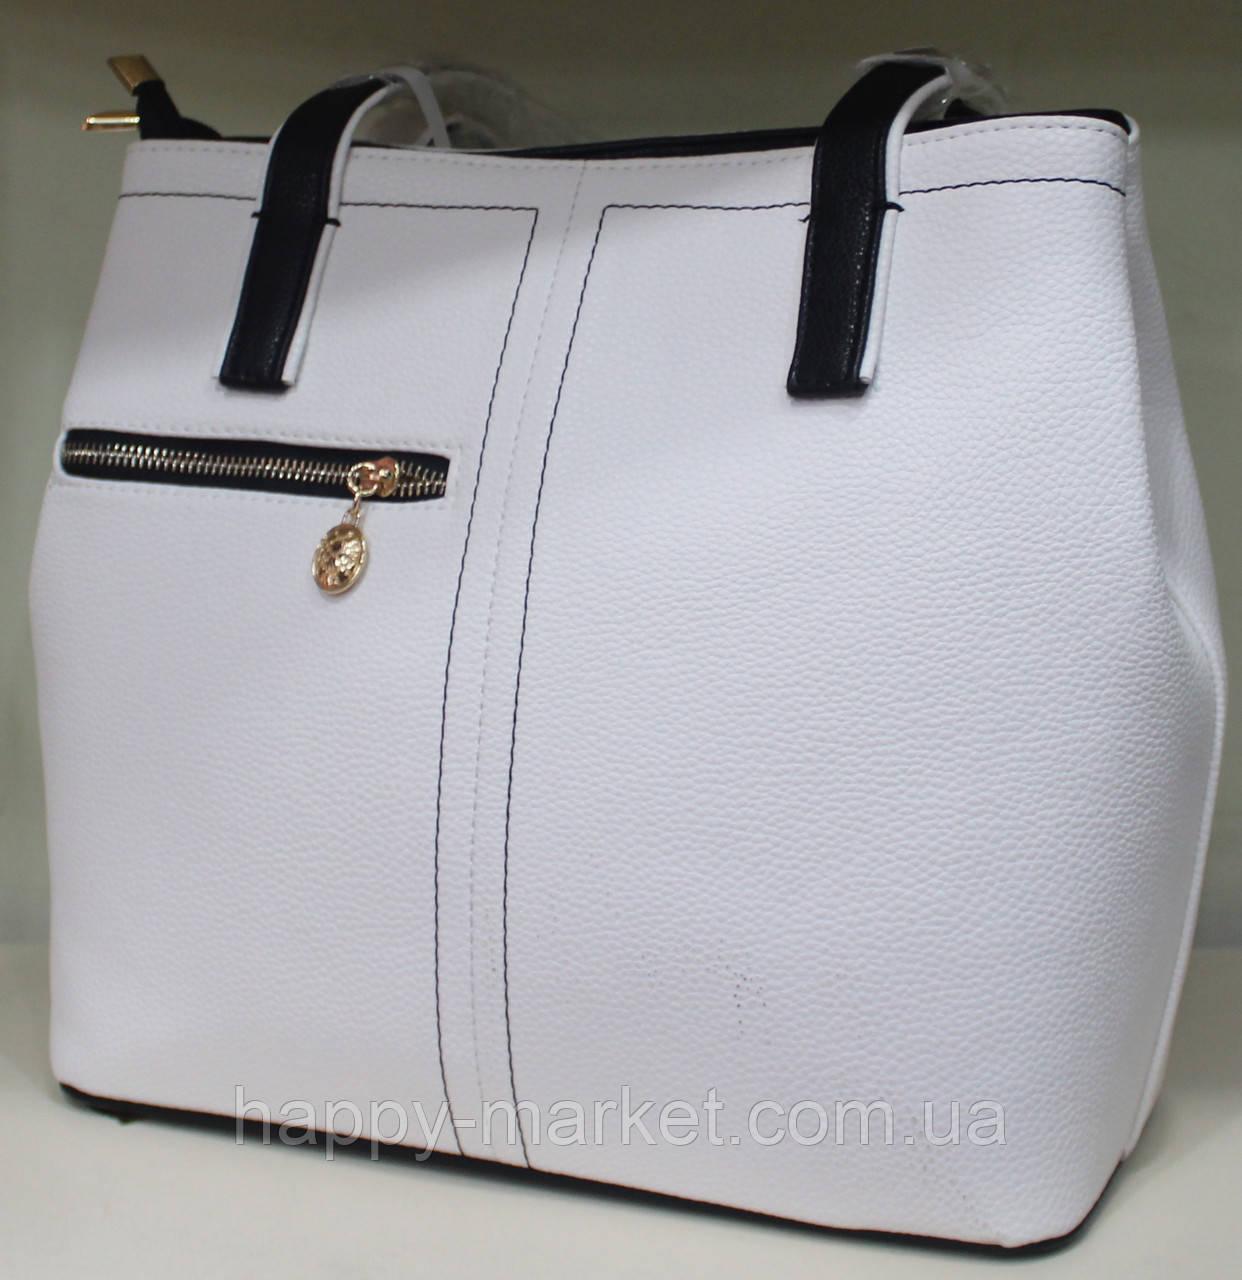 7c18831cd70c Сумка торба женская Производитель Украина 17-35381-4 - Интернет-магазин  Хеппи Маркет